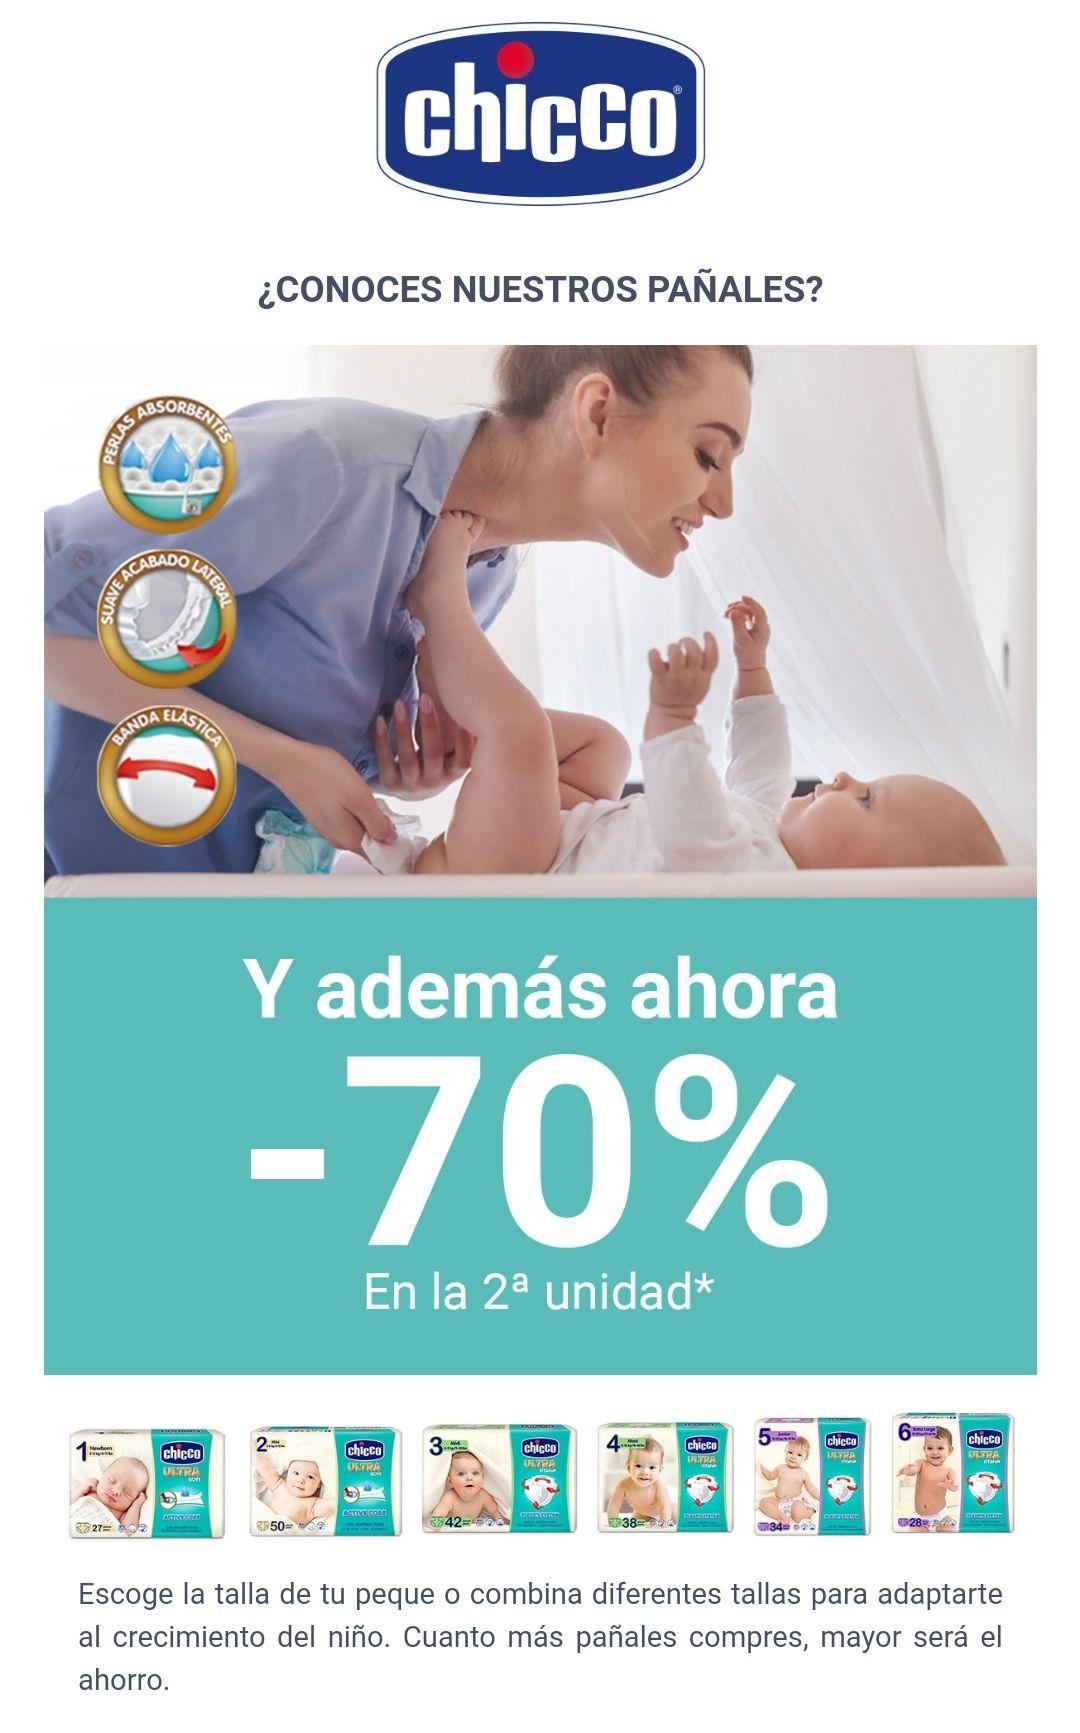 Pañales chicco - 2° unidad al 70%